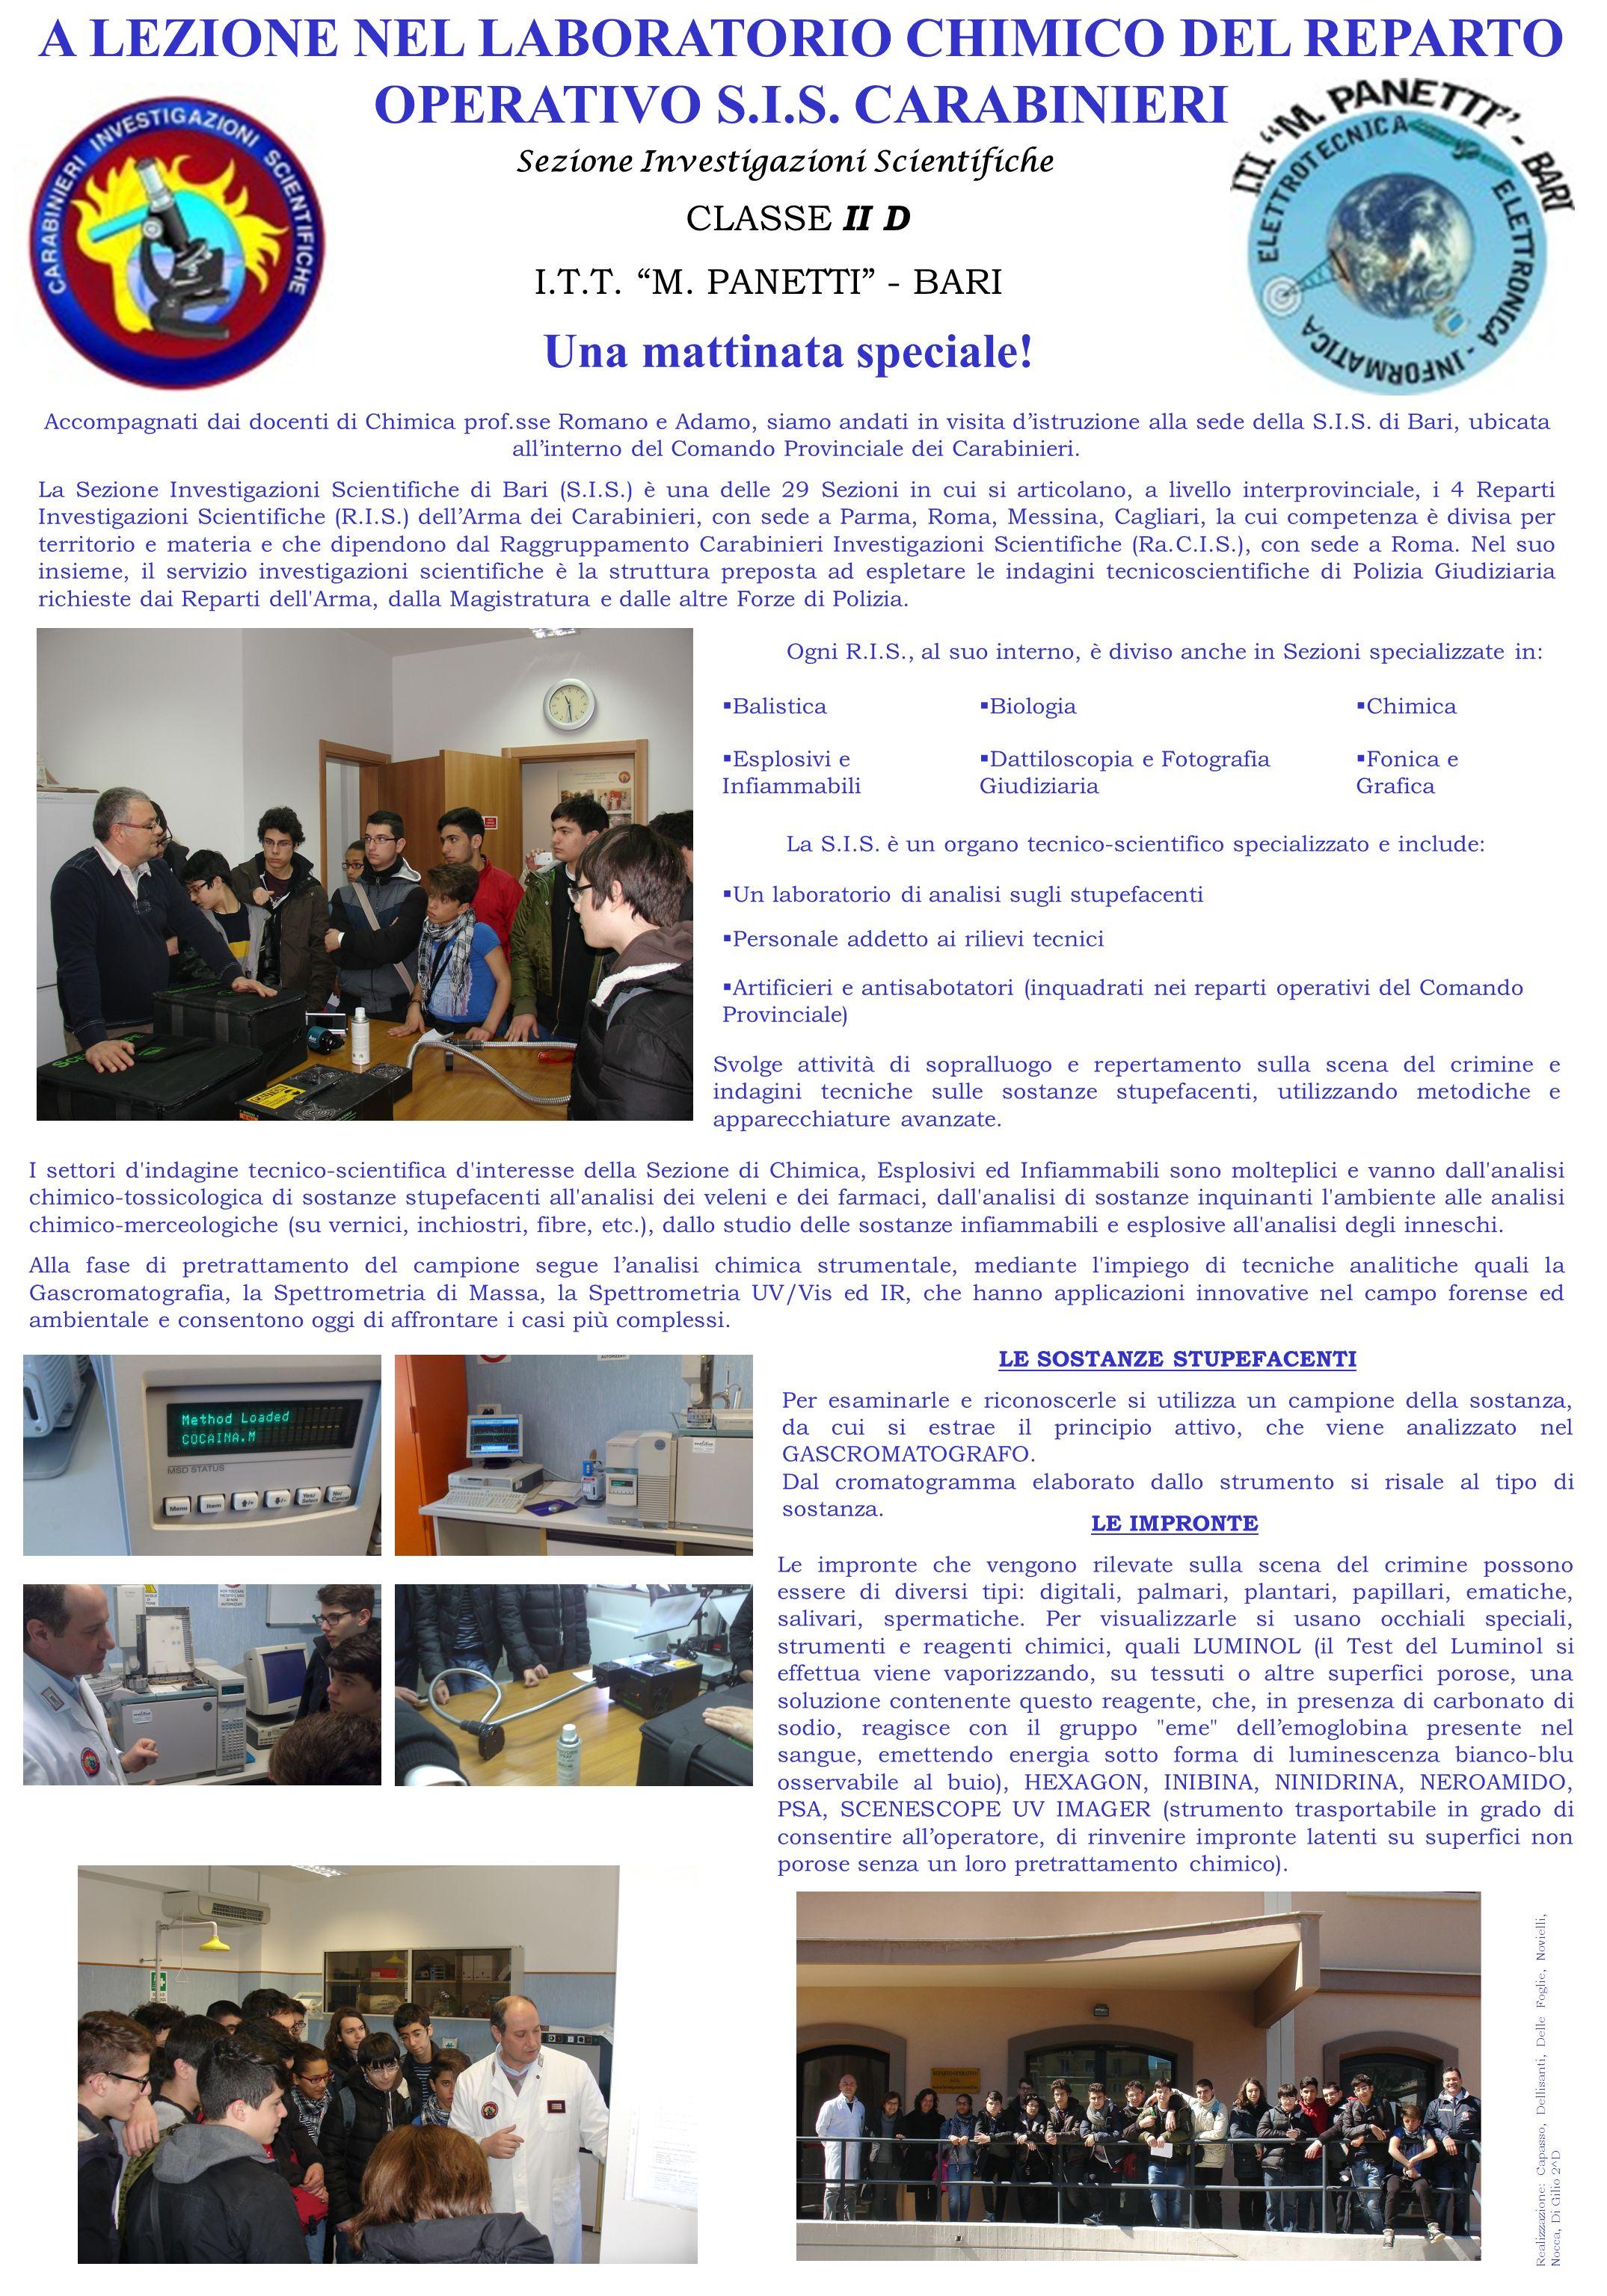 A LEZIONE NEL LABORATORIO CHIMICO DEL REPARTO OPERATIVO S. I. S